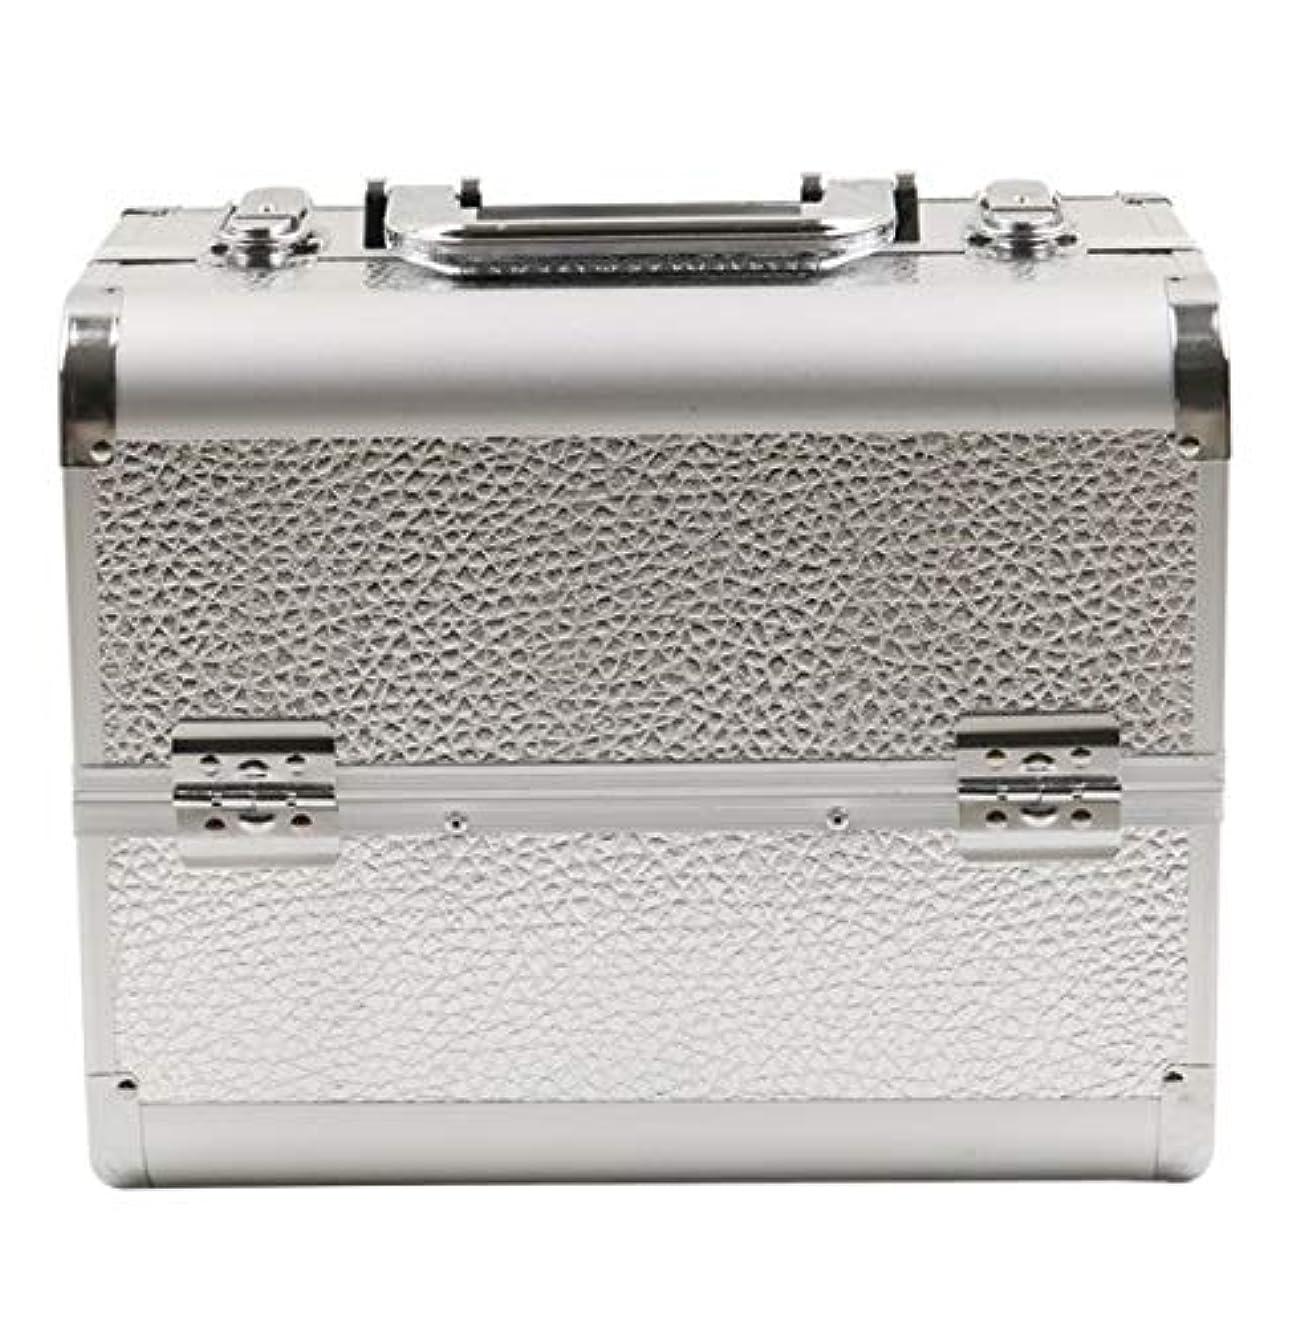 不調和トランペット生命体化粧品ケース、シルバーアルミ多層化粧品バッグ、ポータブル旅行多機能化粧品ケース、美容ネイルジュエリー収納ボックス